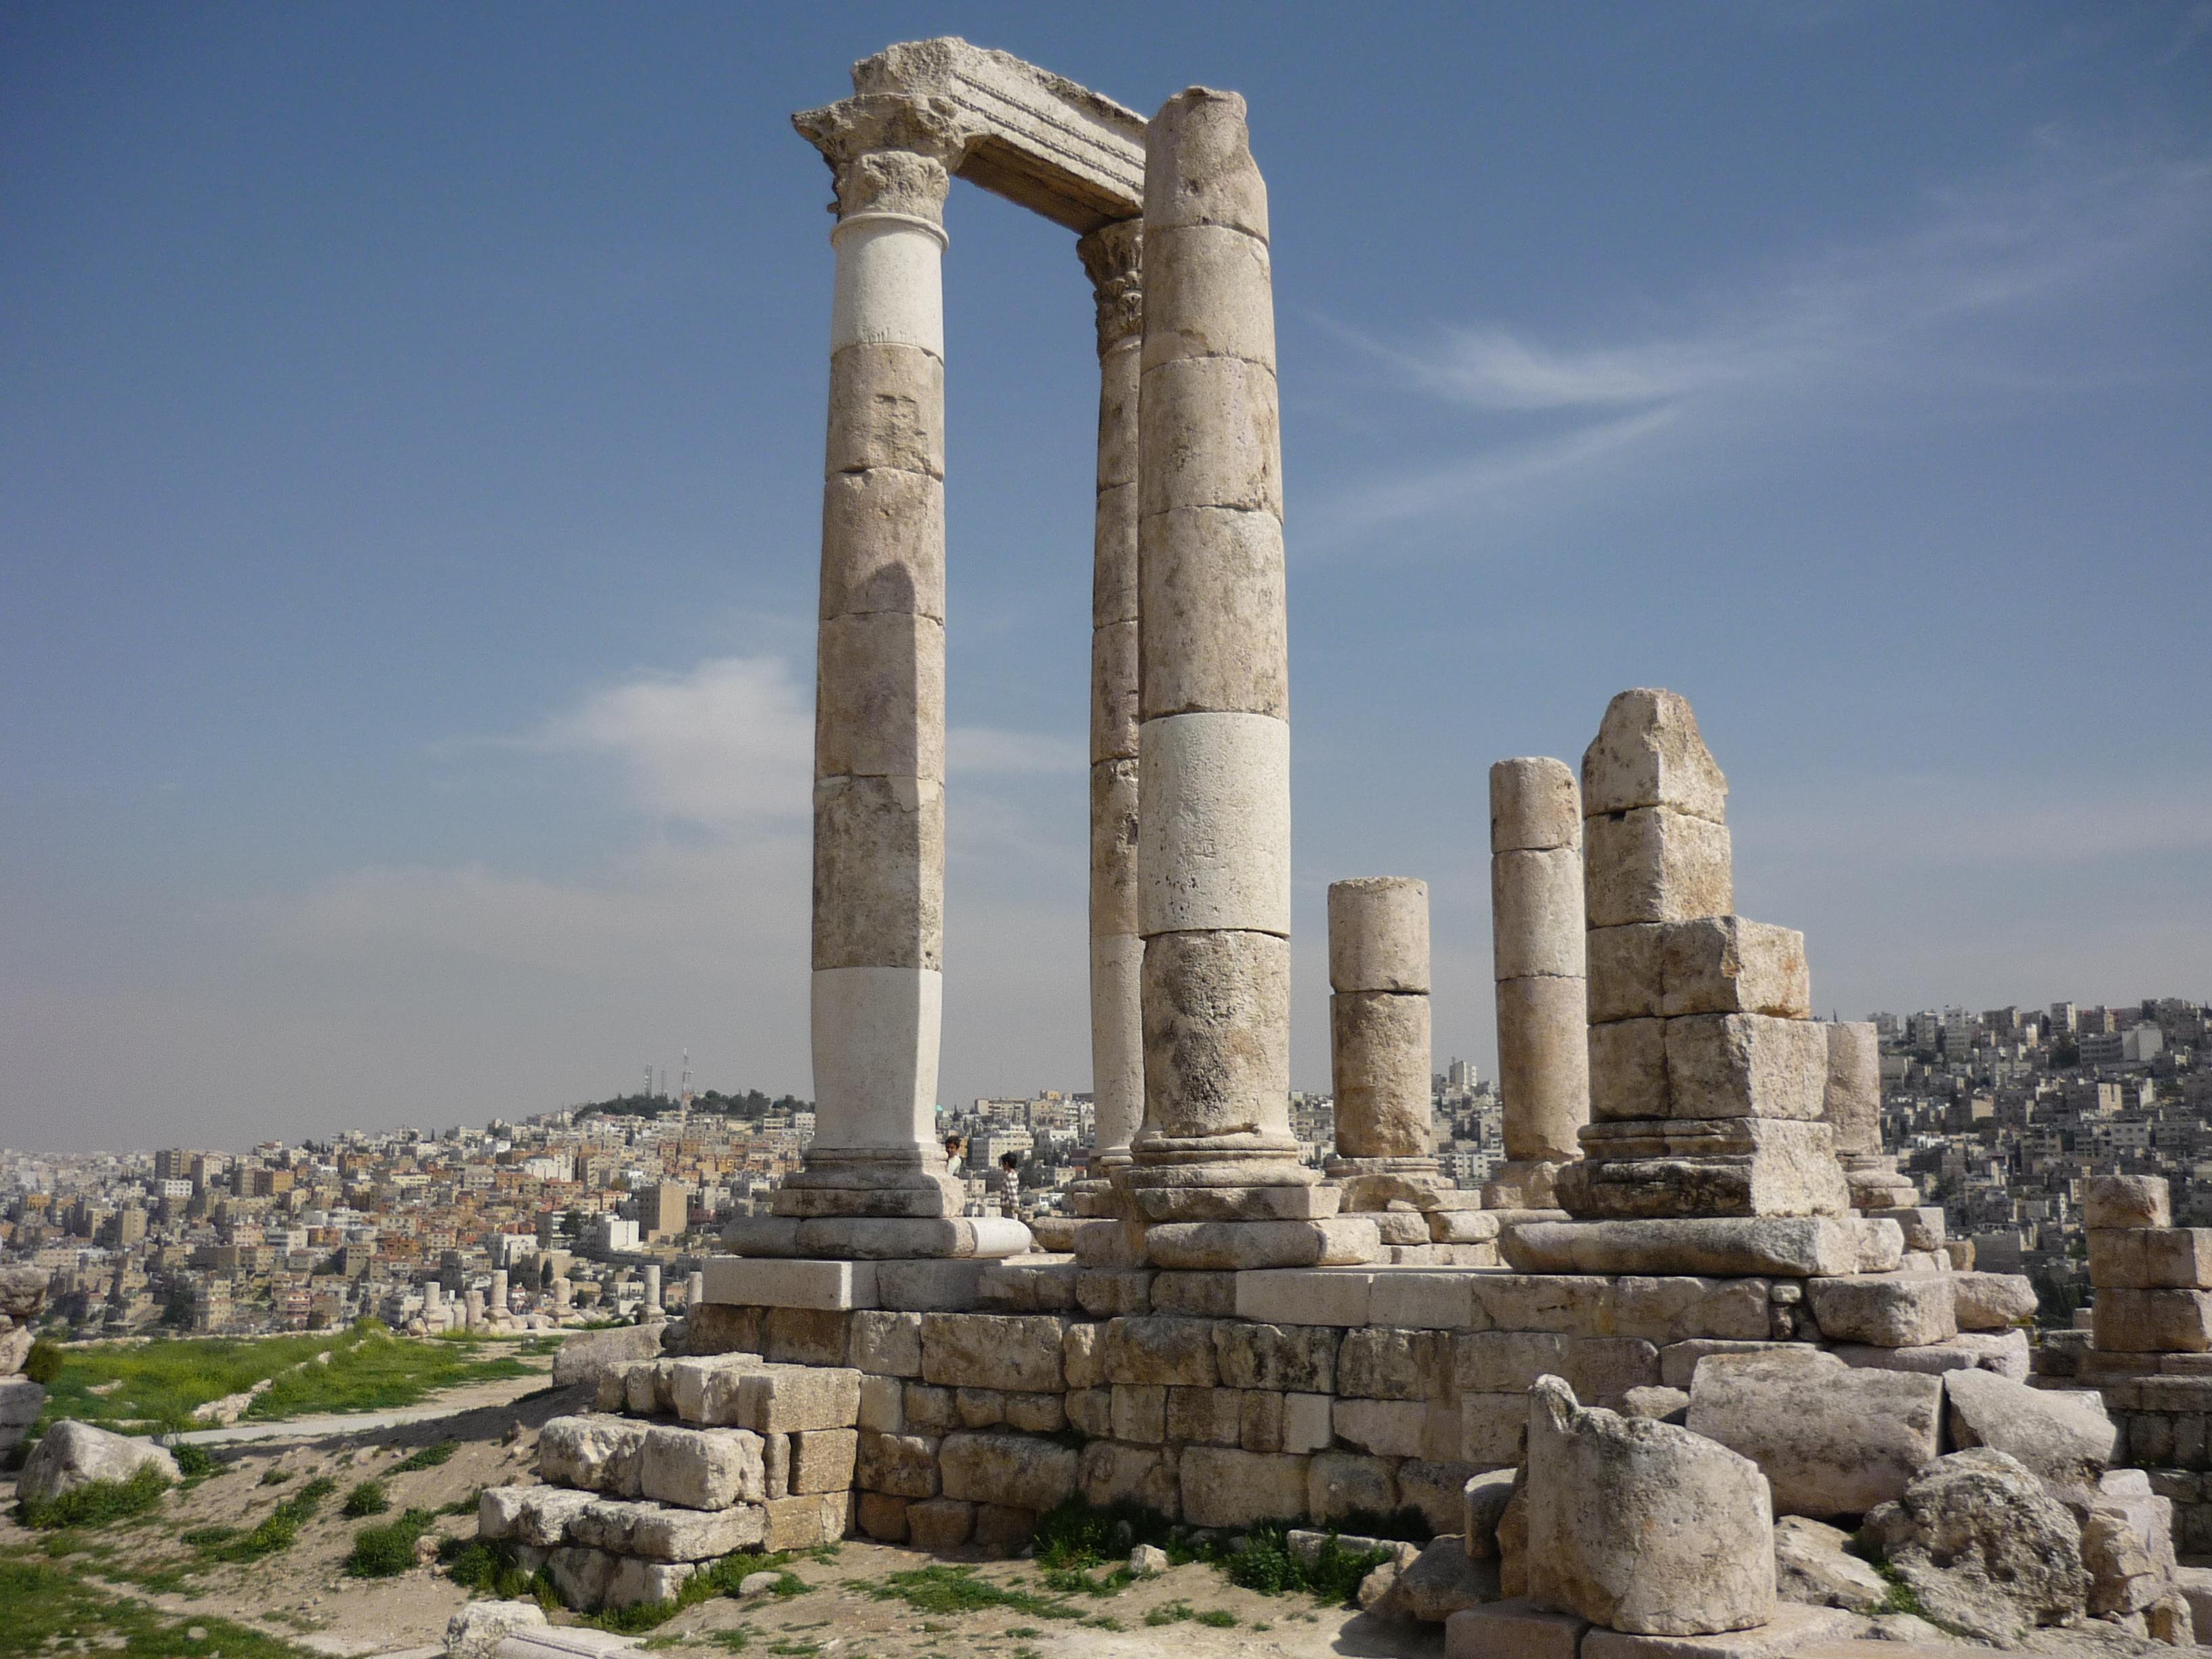 Luca Errera, Daniela Trastulli, Giordania, Amman, sito archeologico, Tempio di Ercole